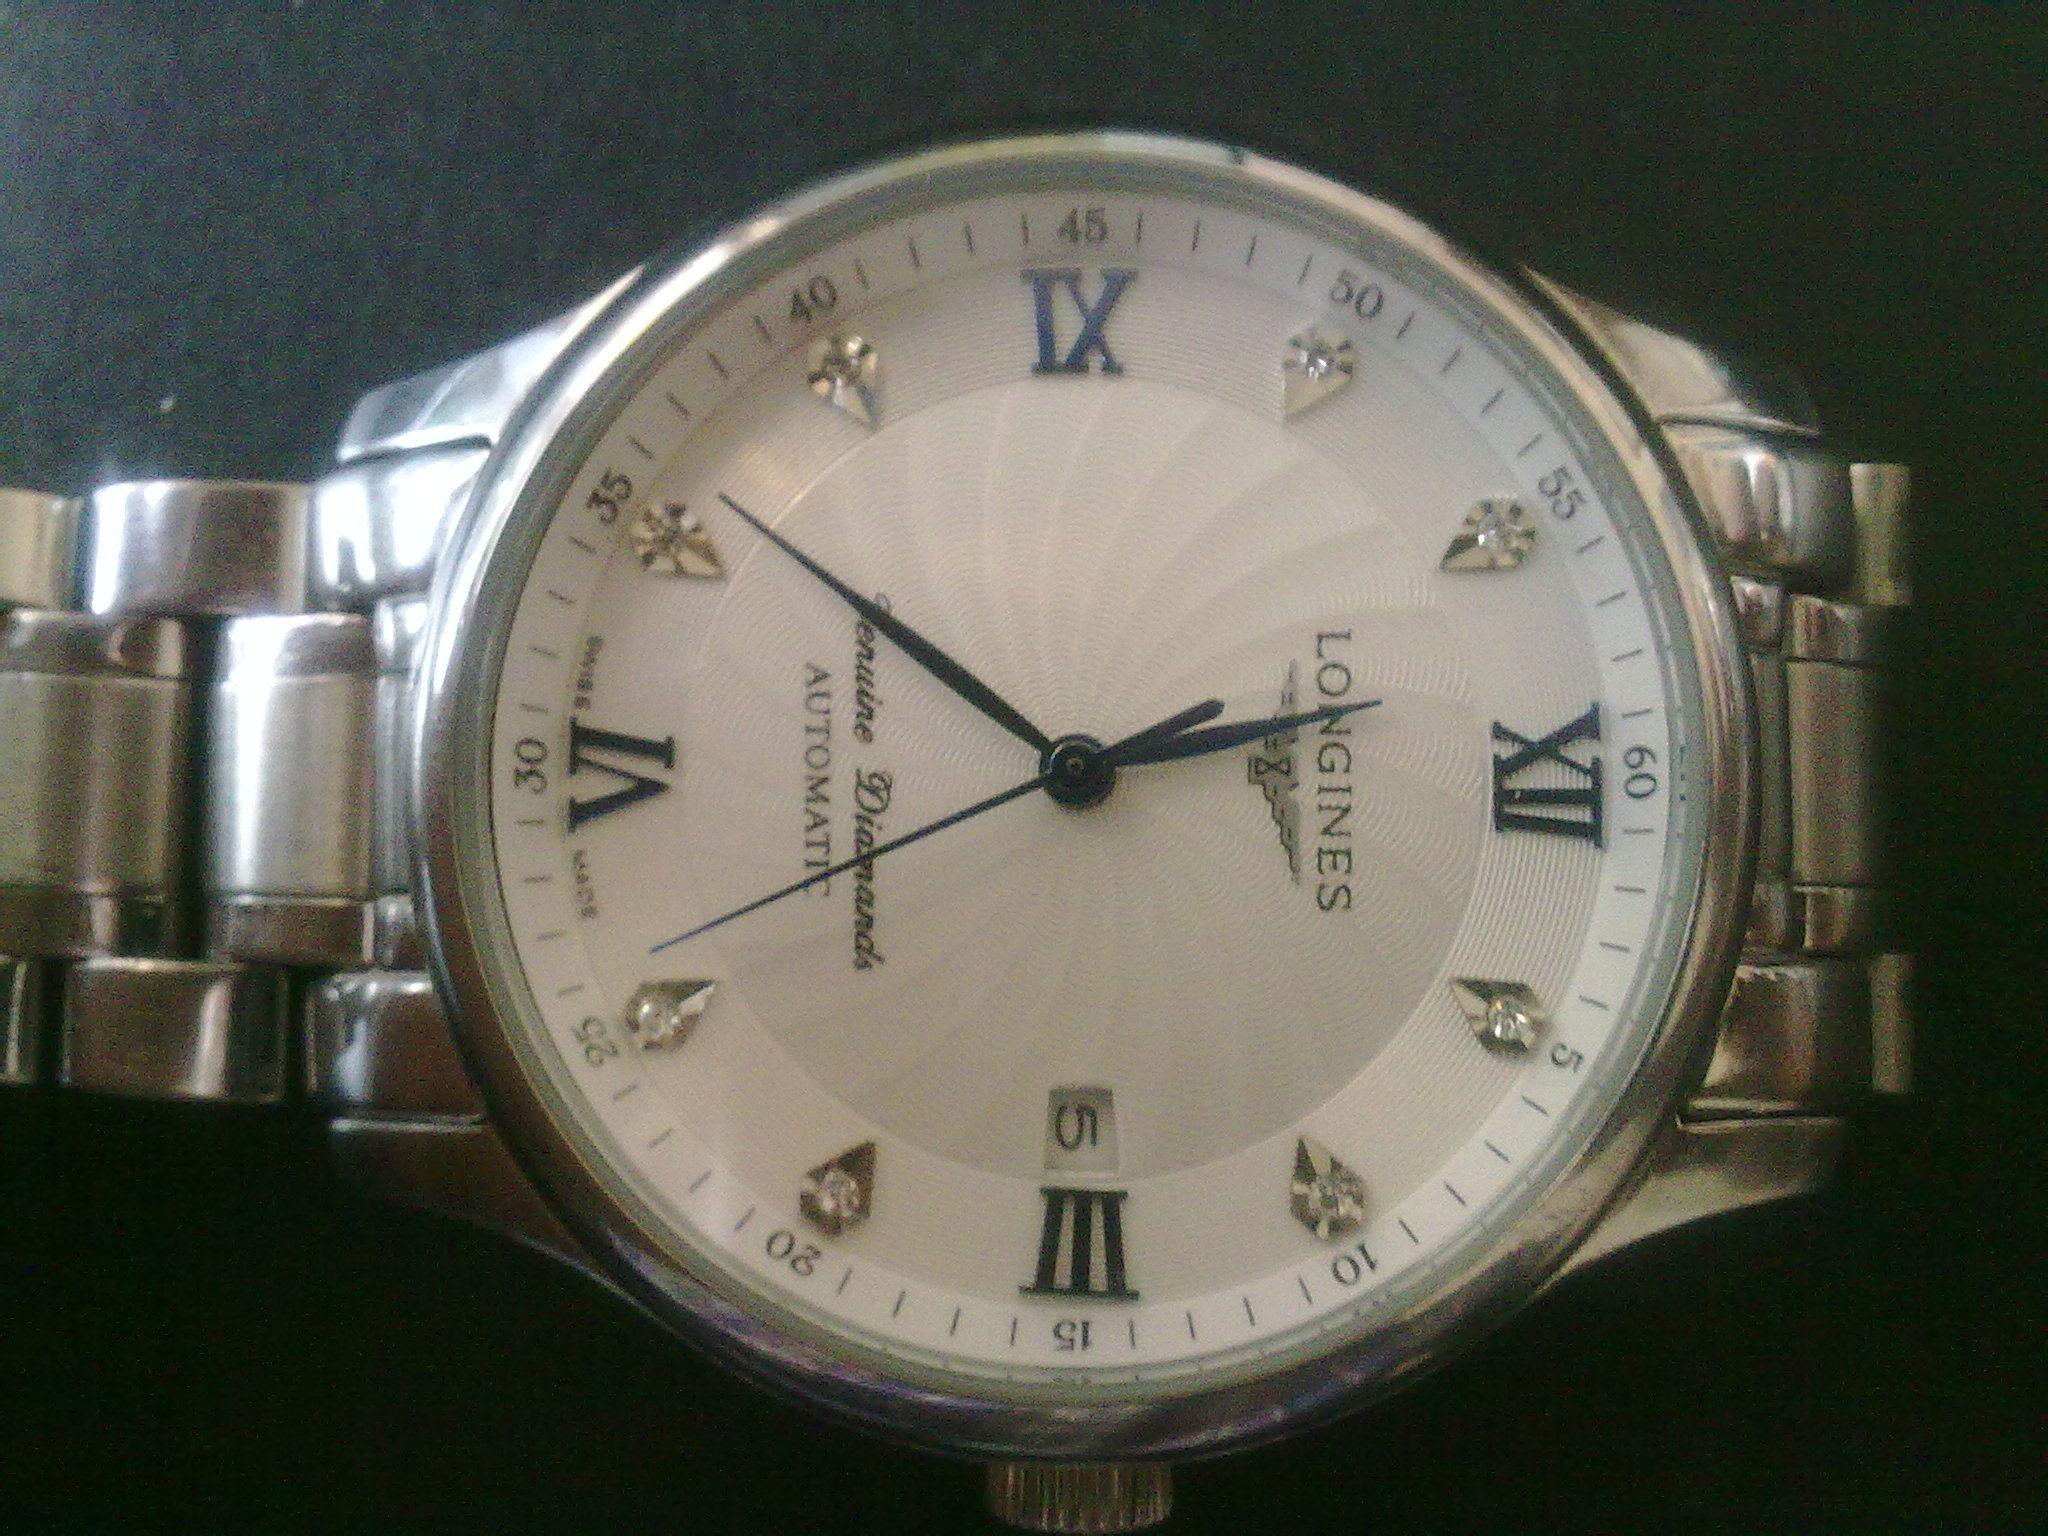 浪琴手表l2.669.4.编号为32033495报价多少?图片